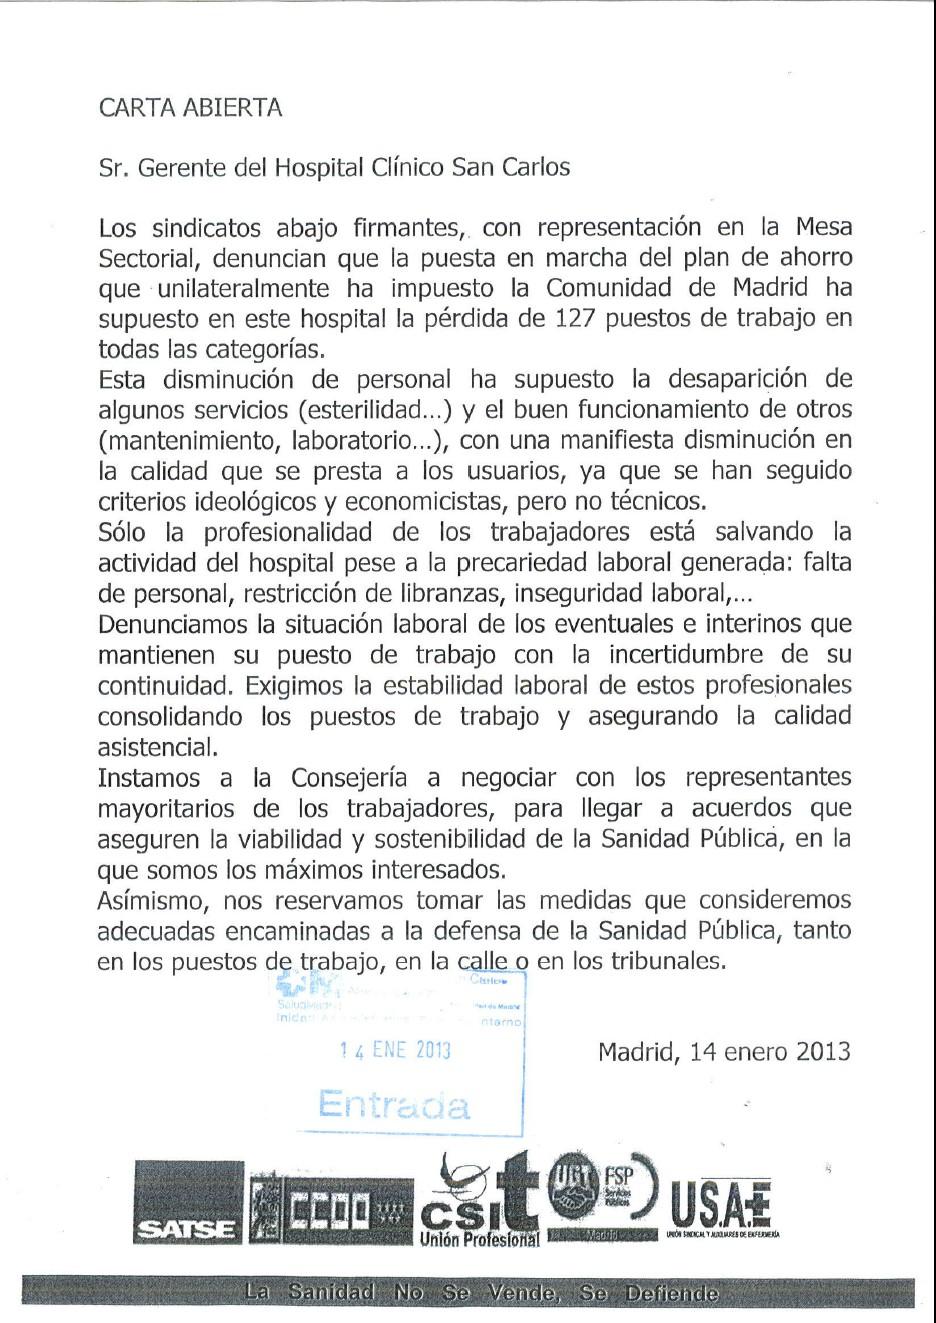 Carta abierta de los Sindicatos de la Mesa Sectorial al Gerente del Hospital Clínico San Carlos.